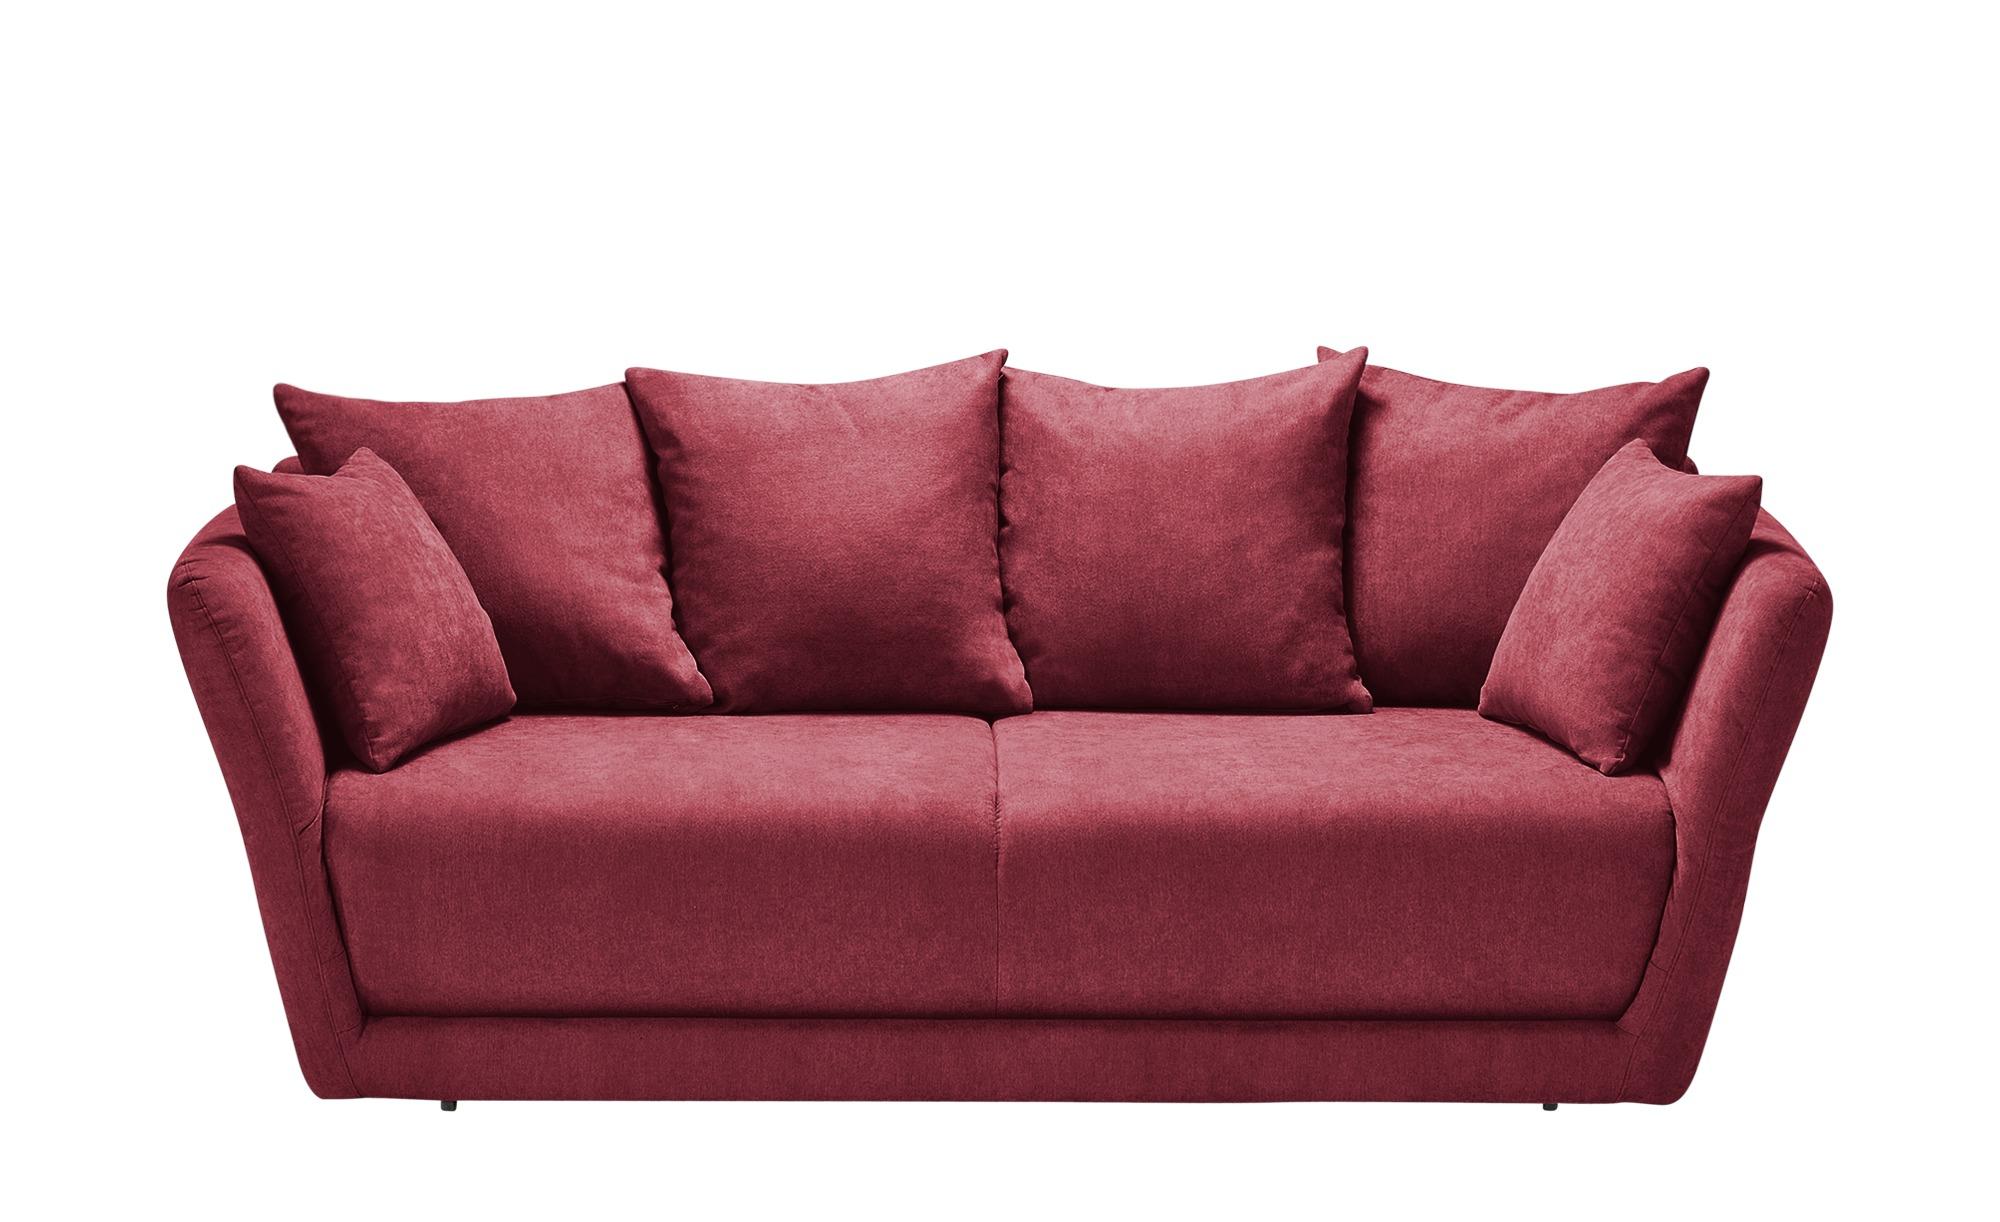 Schlafsofa  Vevi ¦ rot ¦ Maße (cm): B: 210 H: 83 T: 98 Polstermöbel > Sofas > Einzelsofas - Höffner